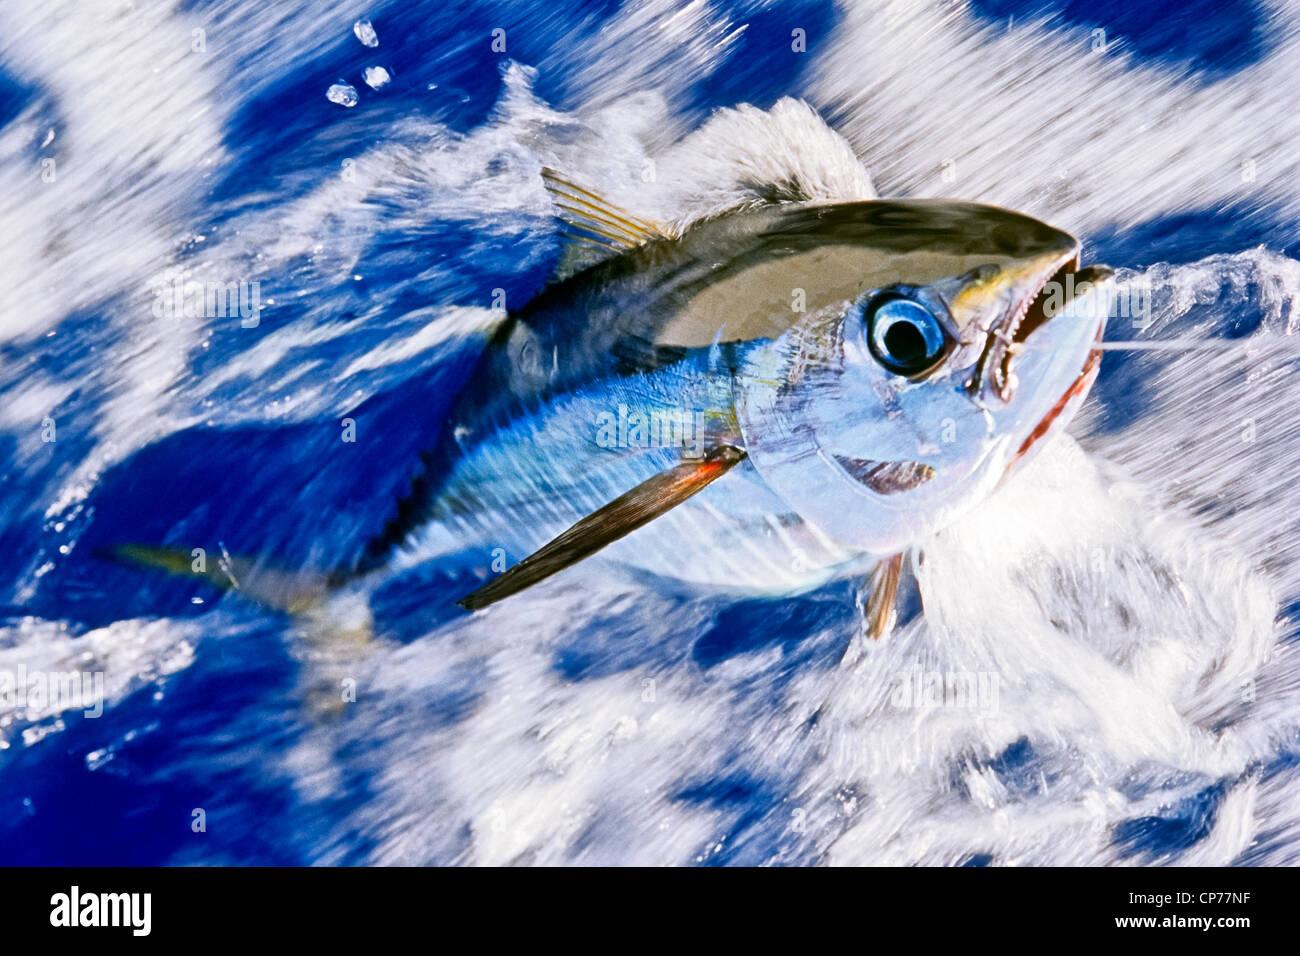 Il novellame di tonno albacora on line Immagini Stock